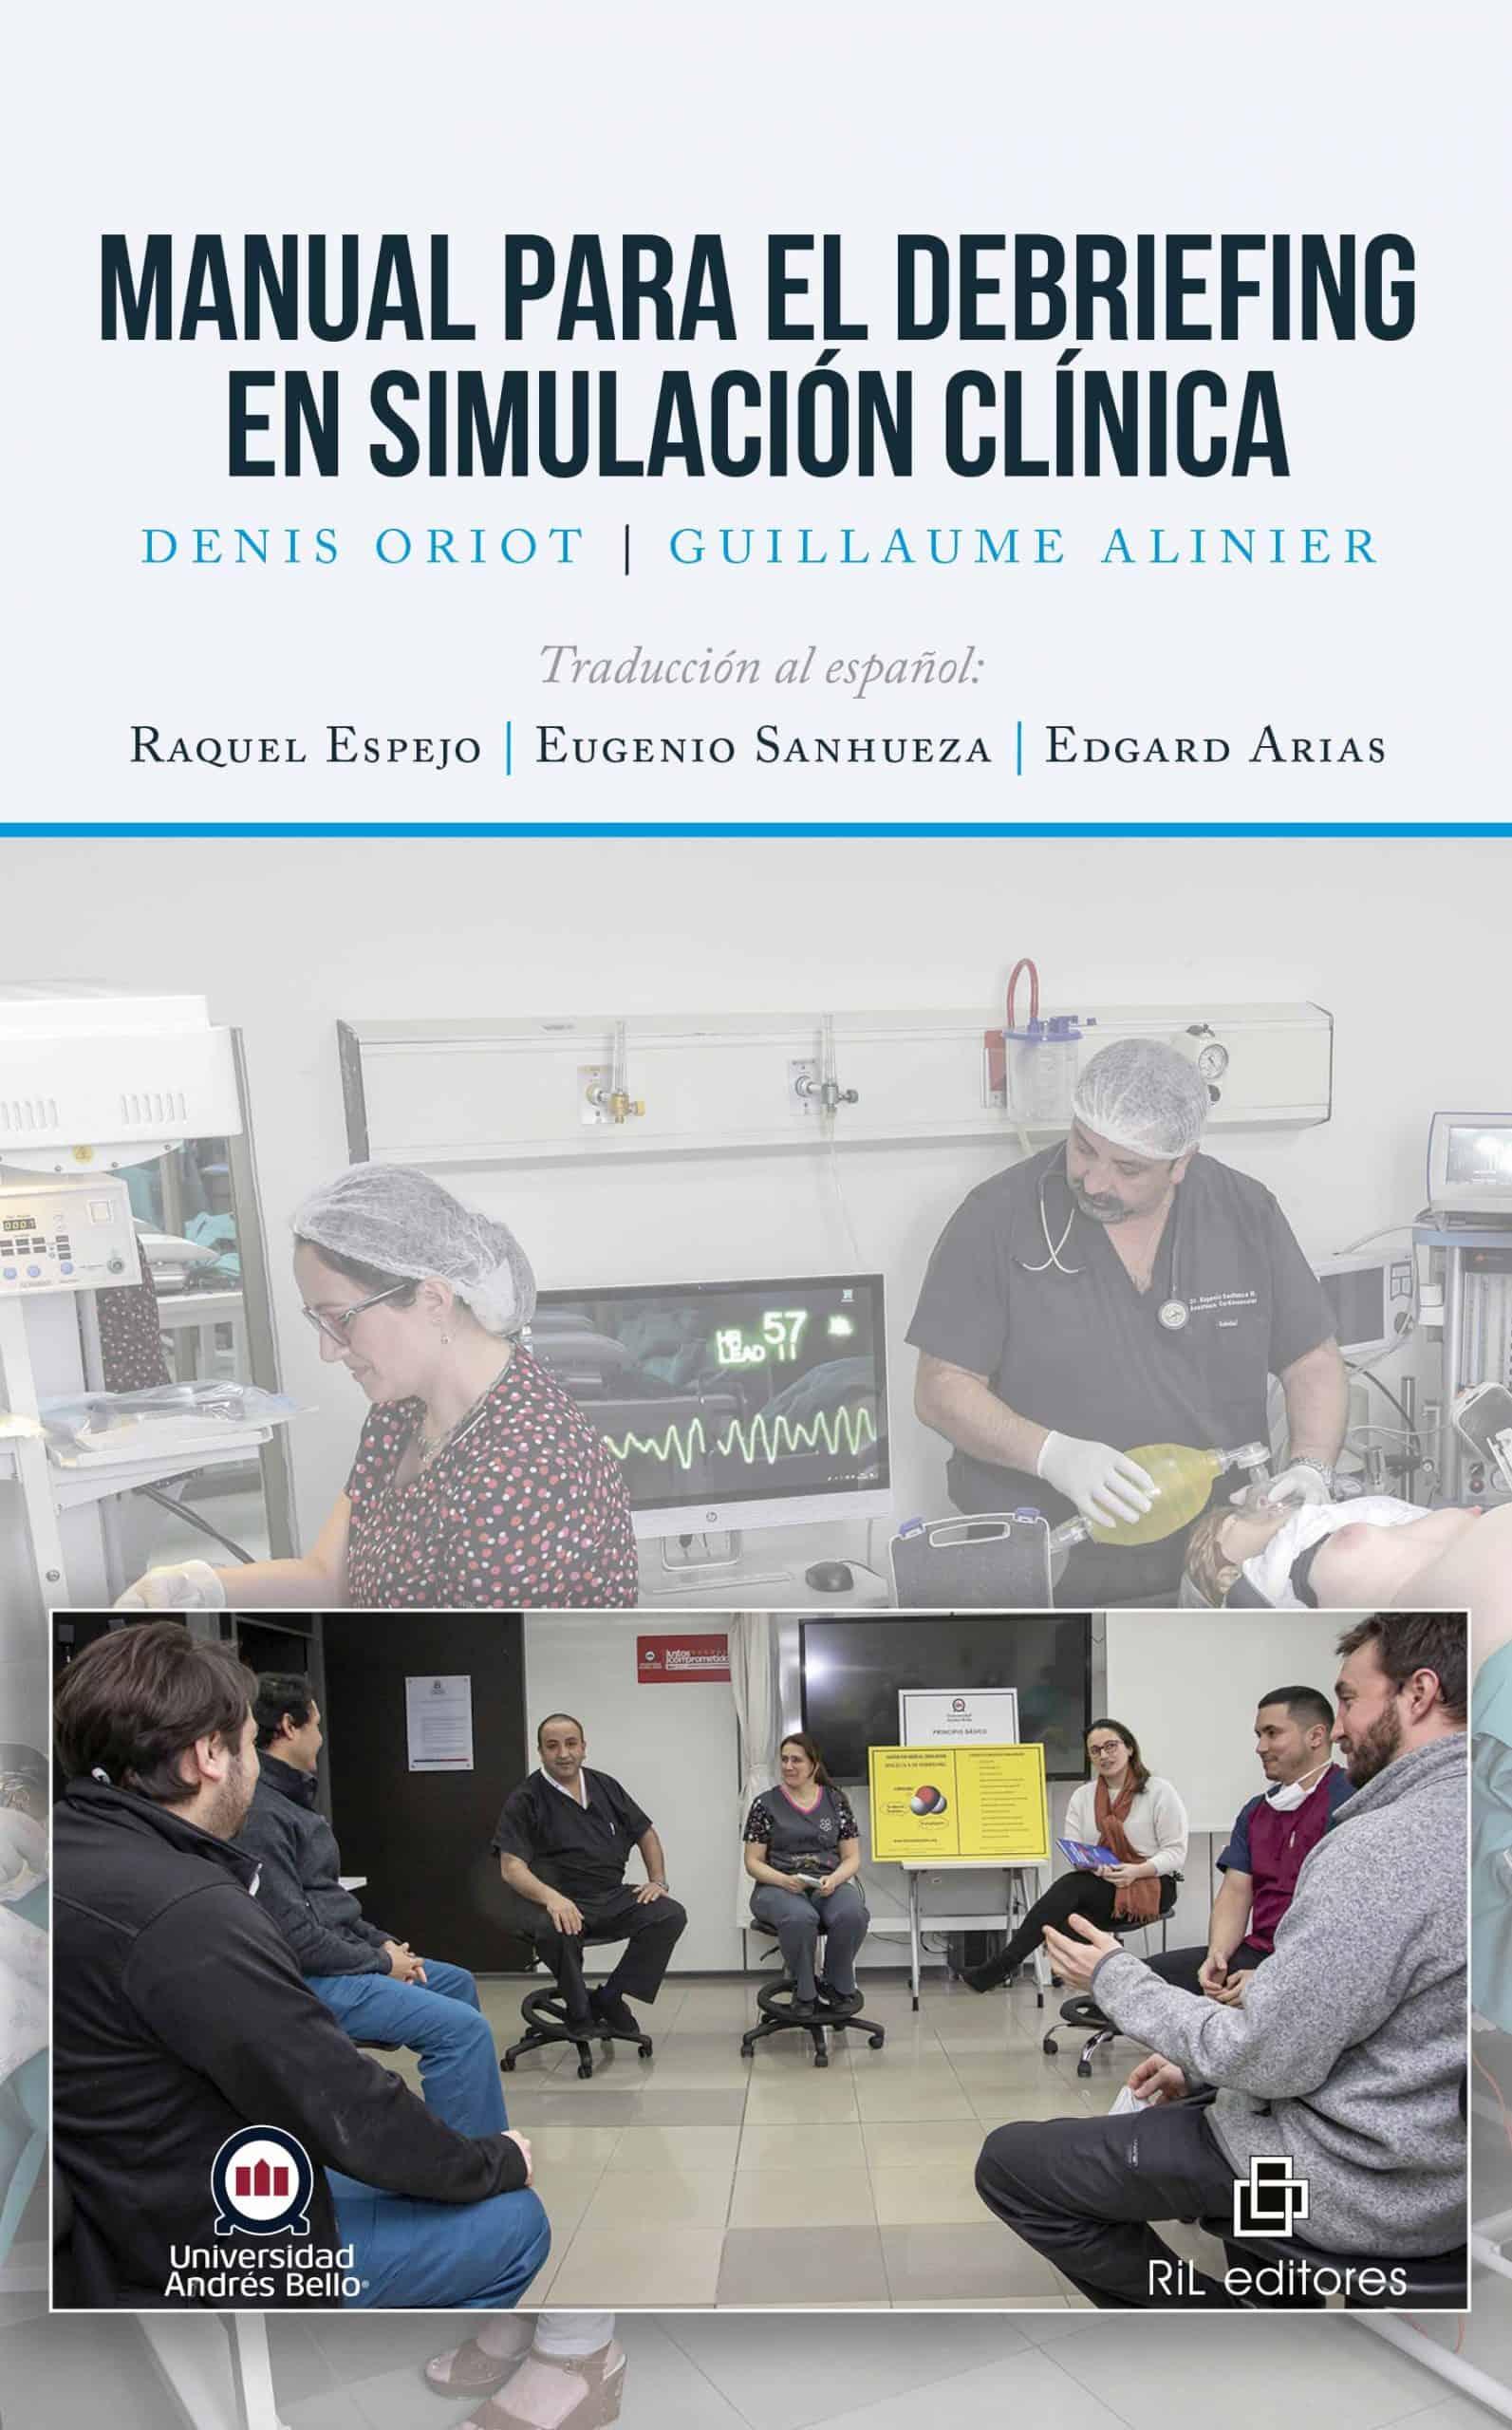 Manual para el debriefing en simulación clínica 1